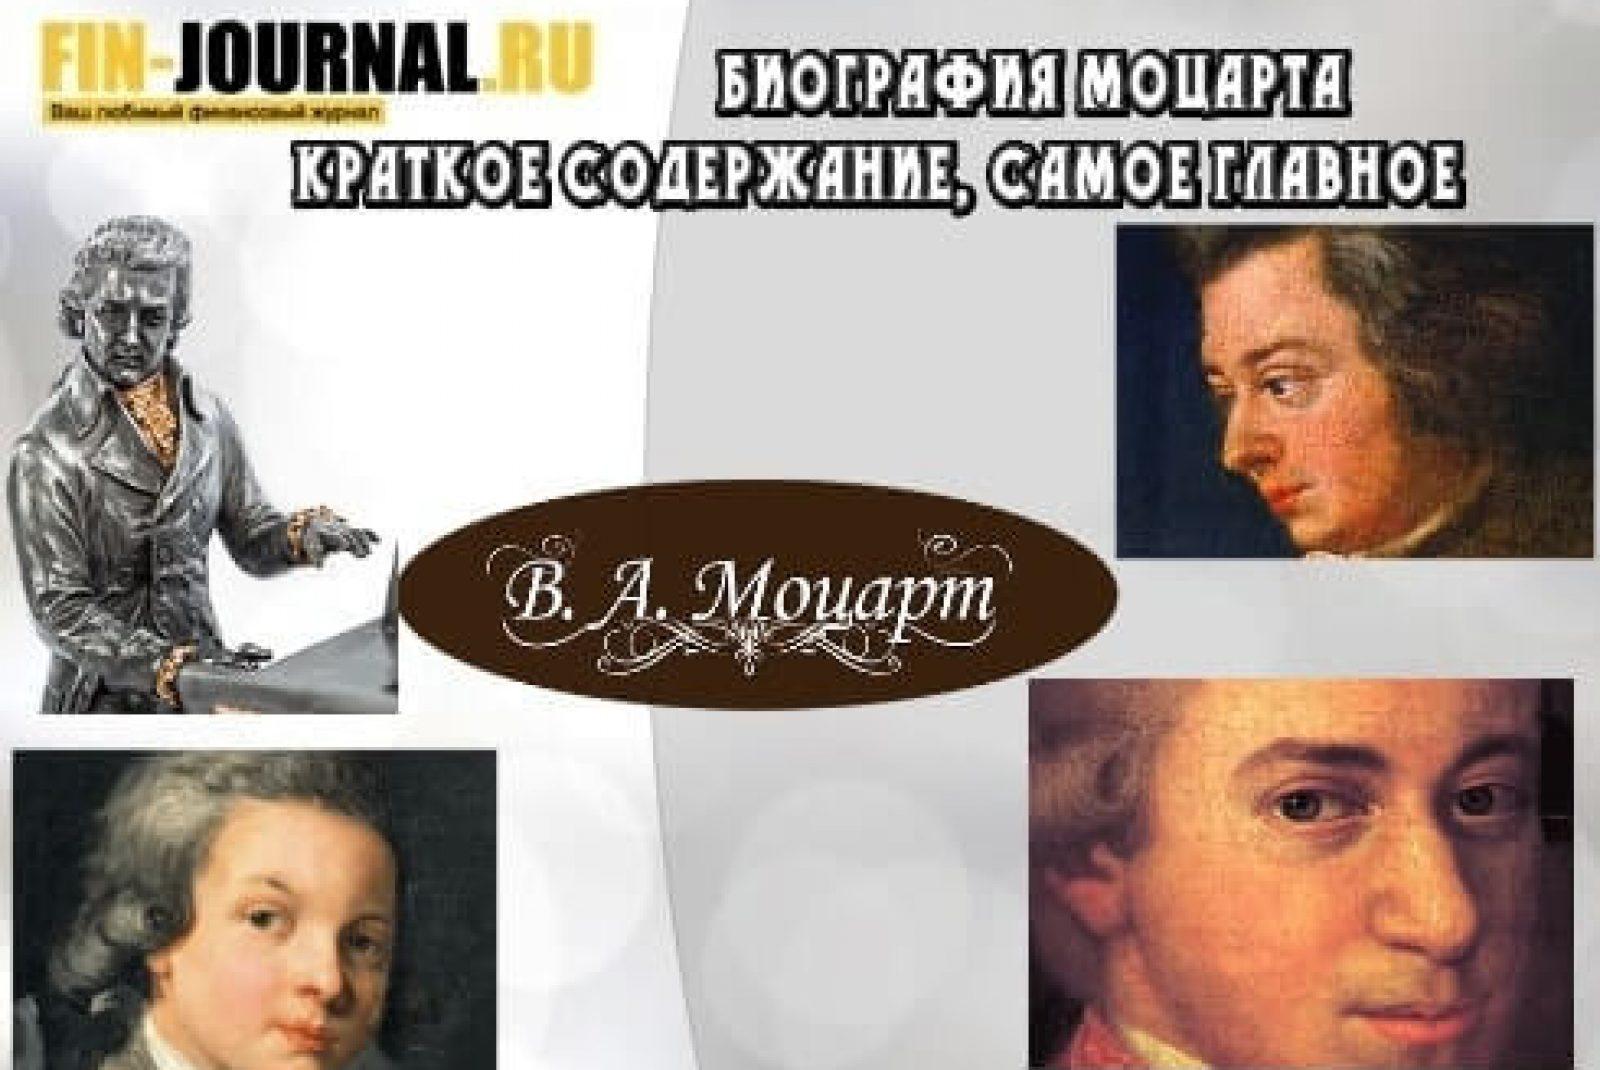 Биография Моцарта: краткое содержание, самое главное